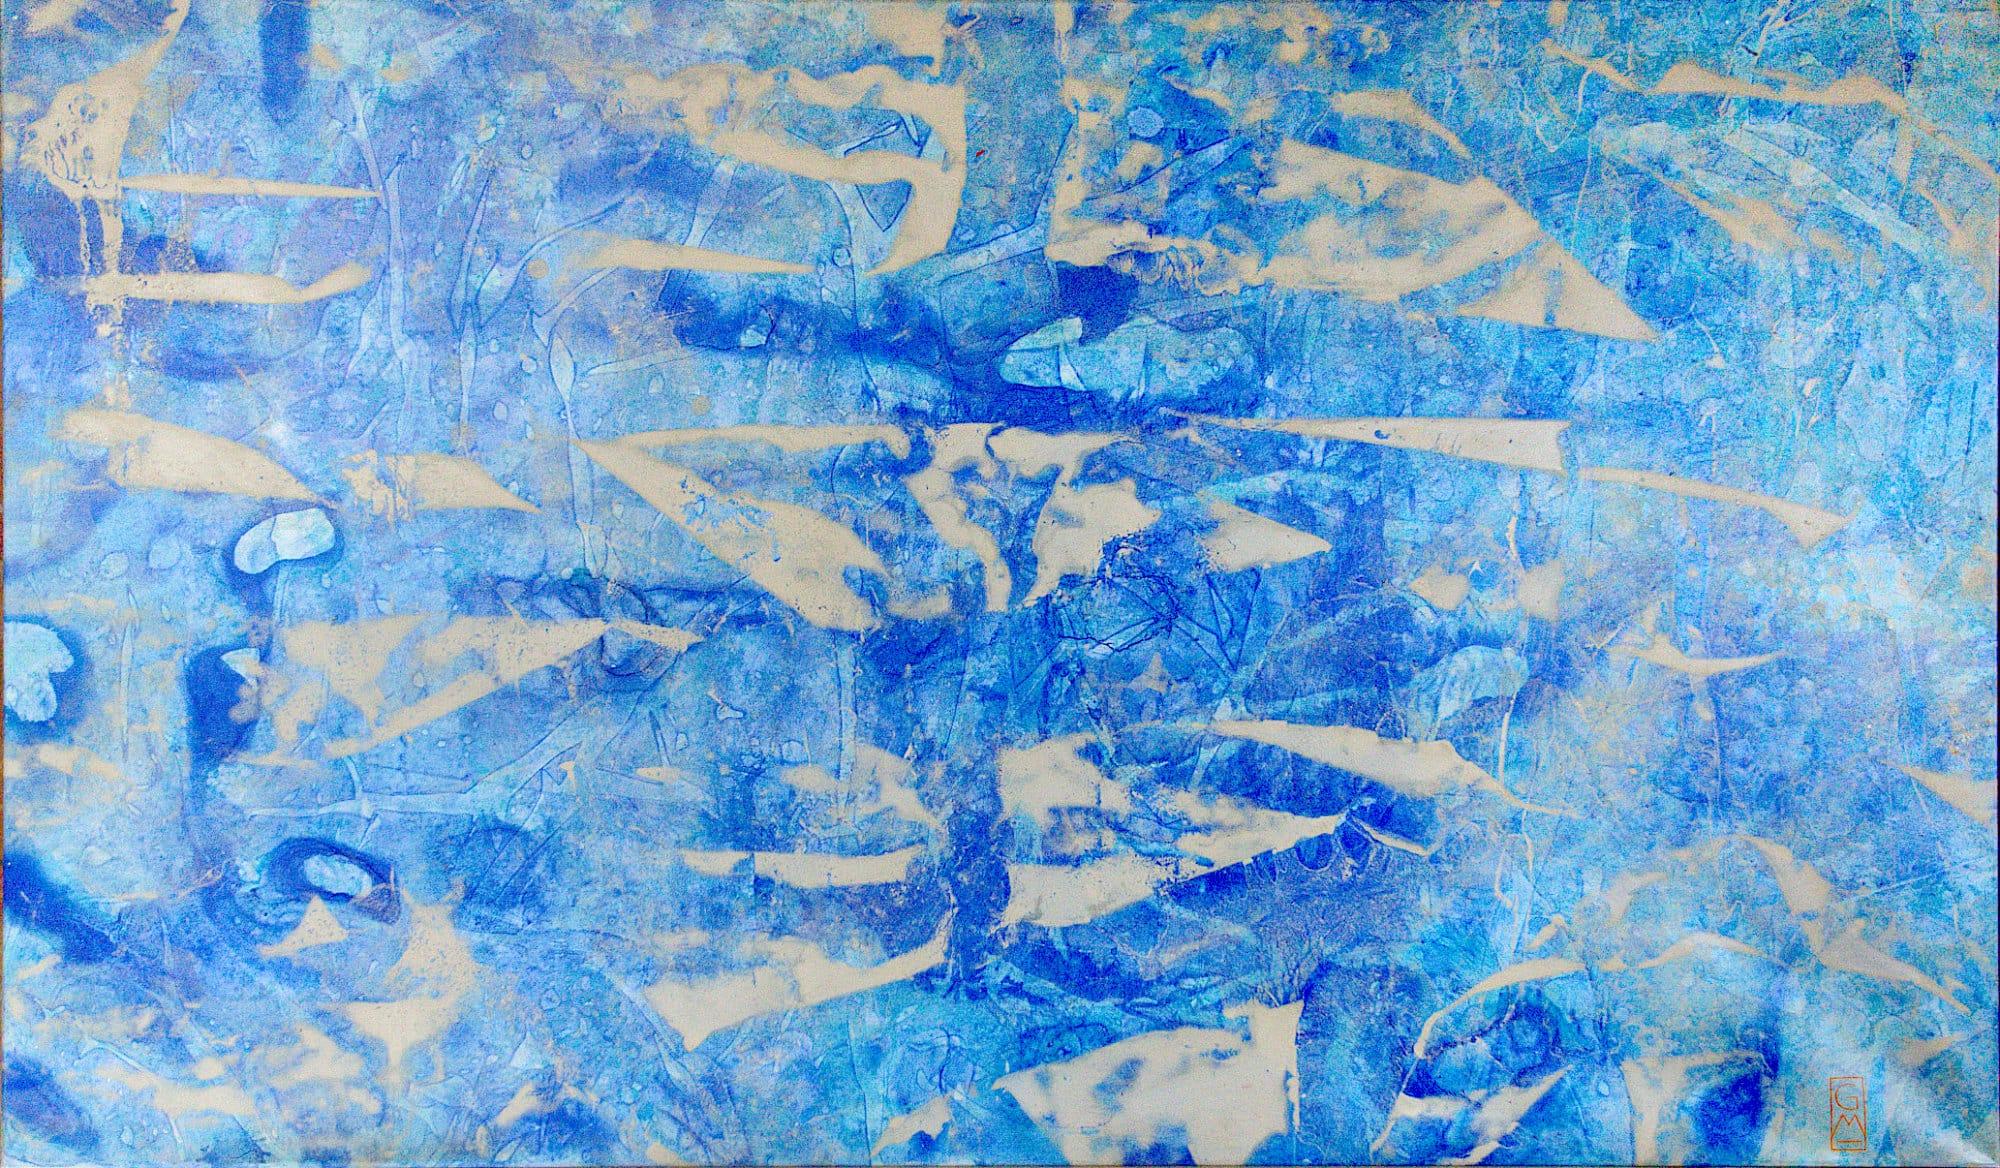 Gerlinde Mader | Wasserspiel | 170 x 90 cm